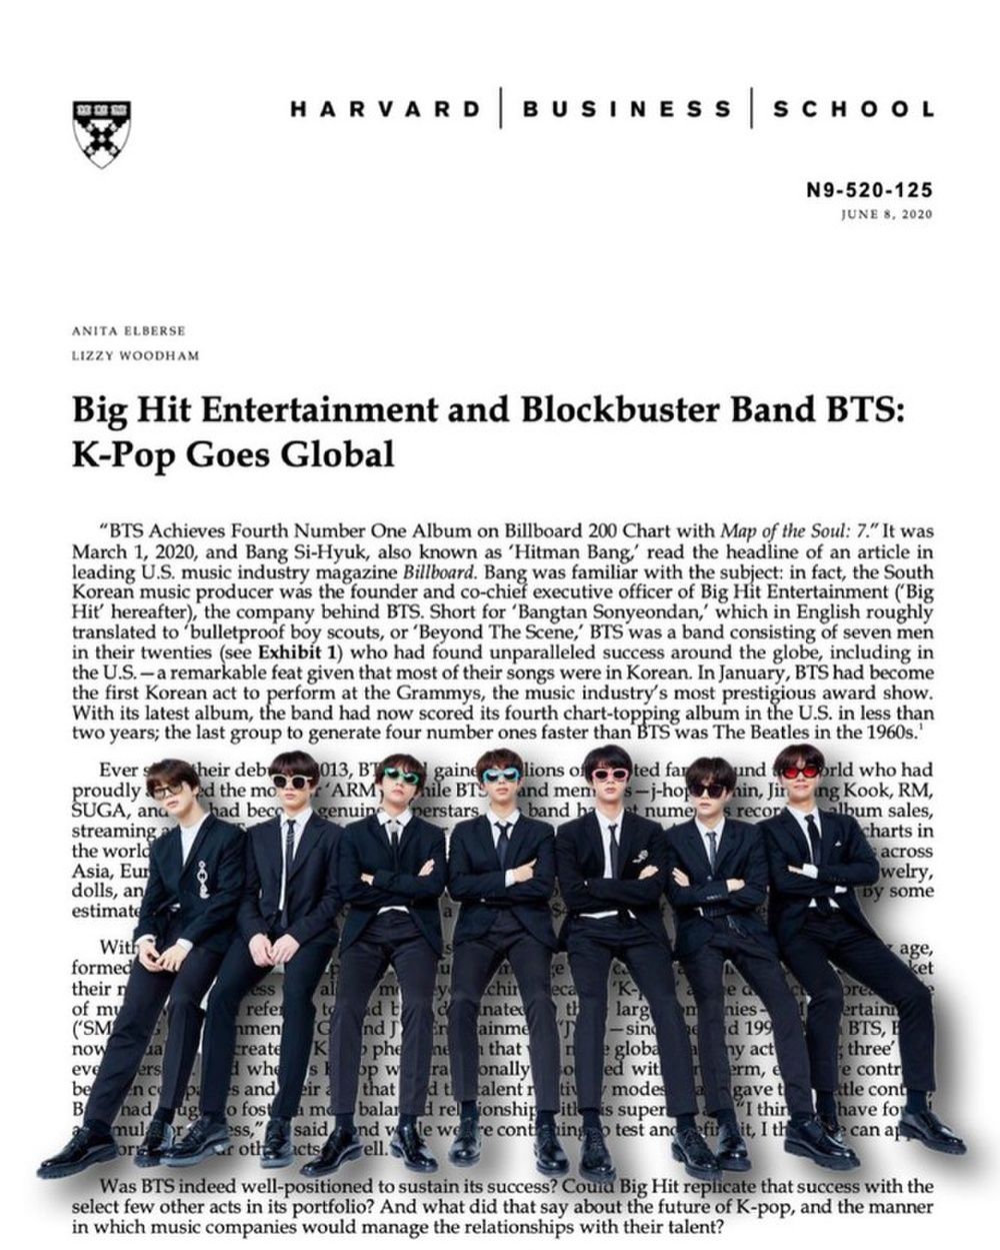 Sau thành công vang dội, nhóm nhạc BTS sẽ xuất hiện trong chương trình giảng dạy của ĐH Harvard Ảnh 3